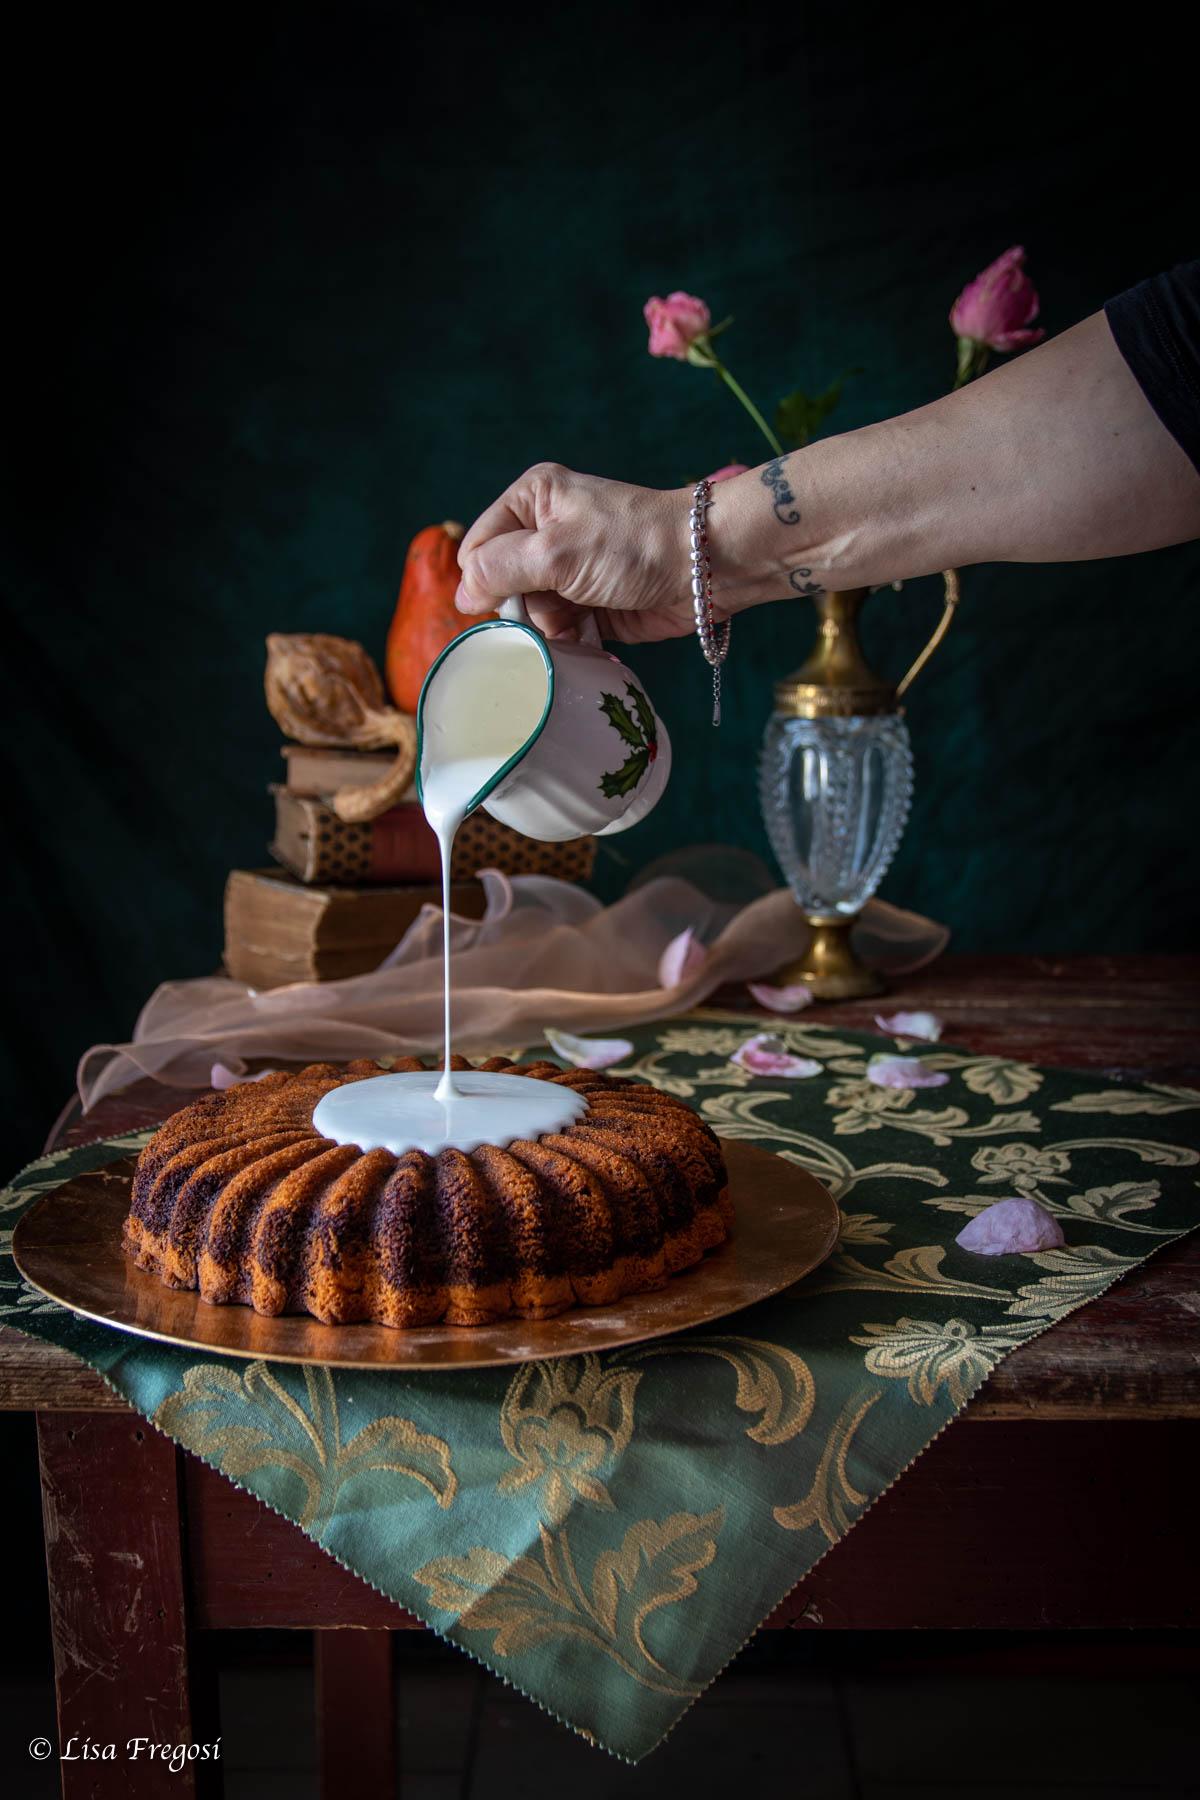 glassata della torta alla zucca e cacao